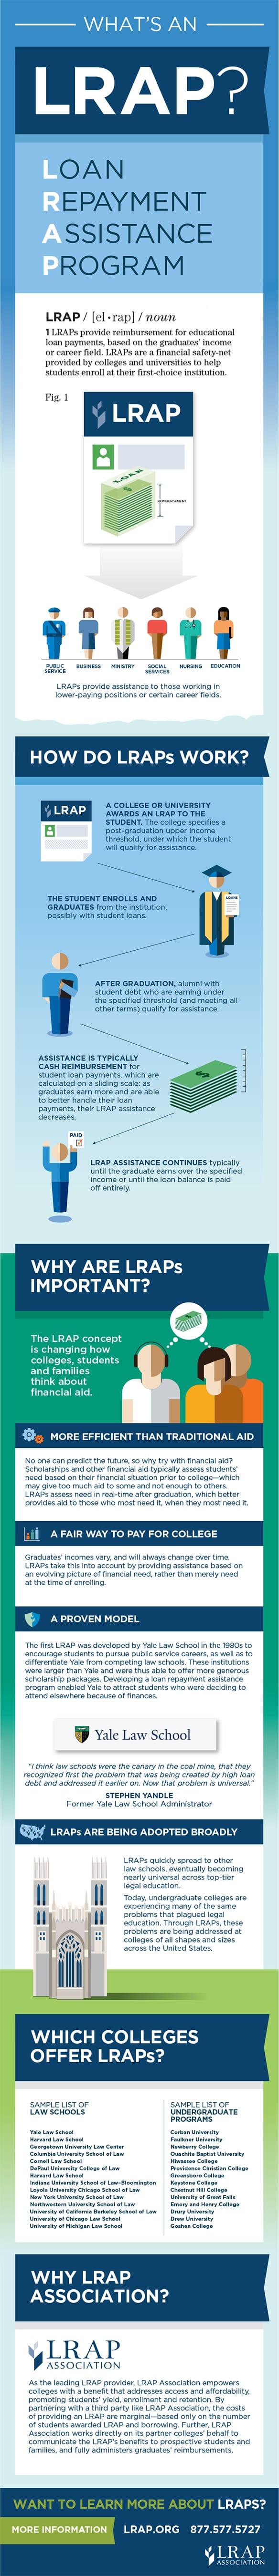 What's An LRAP